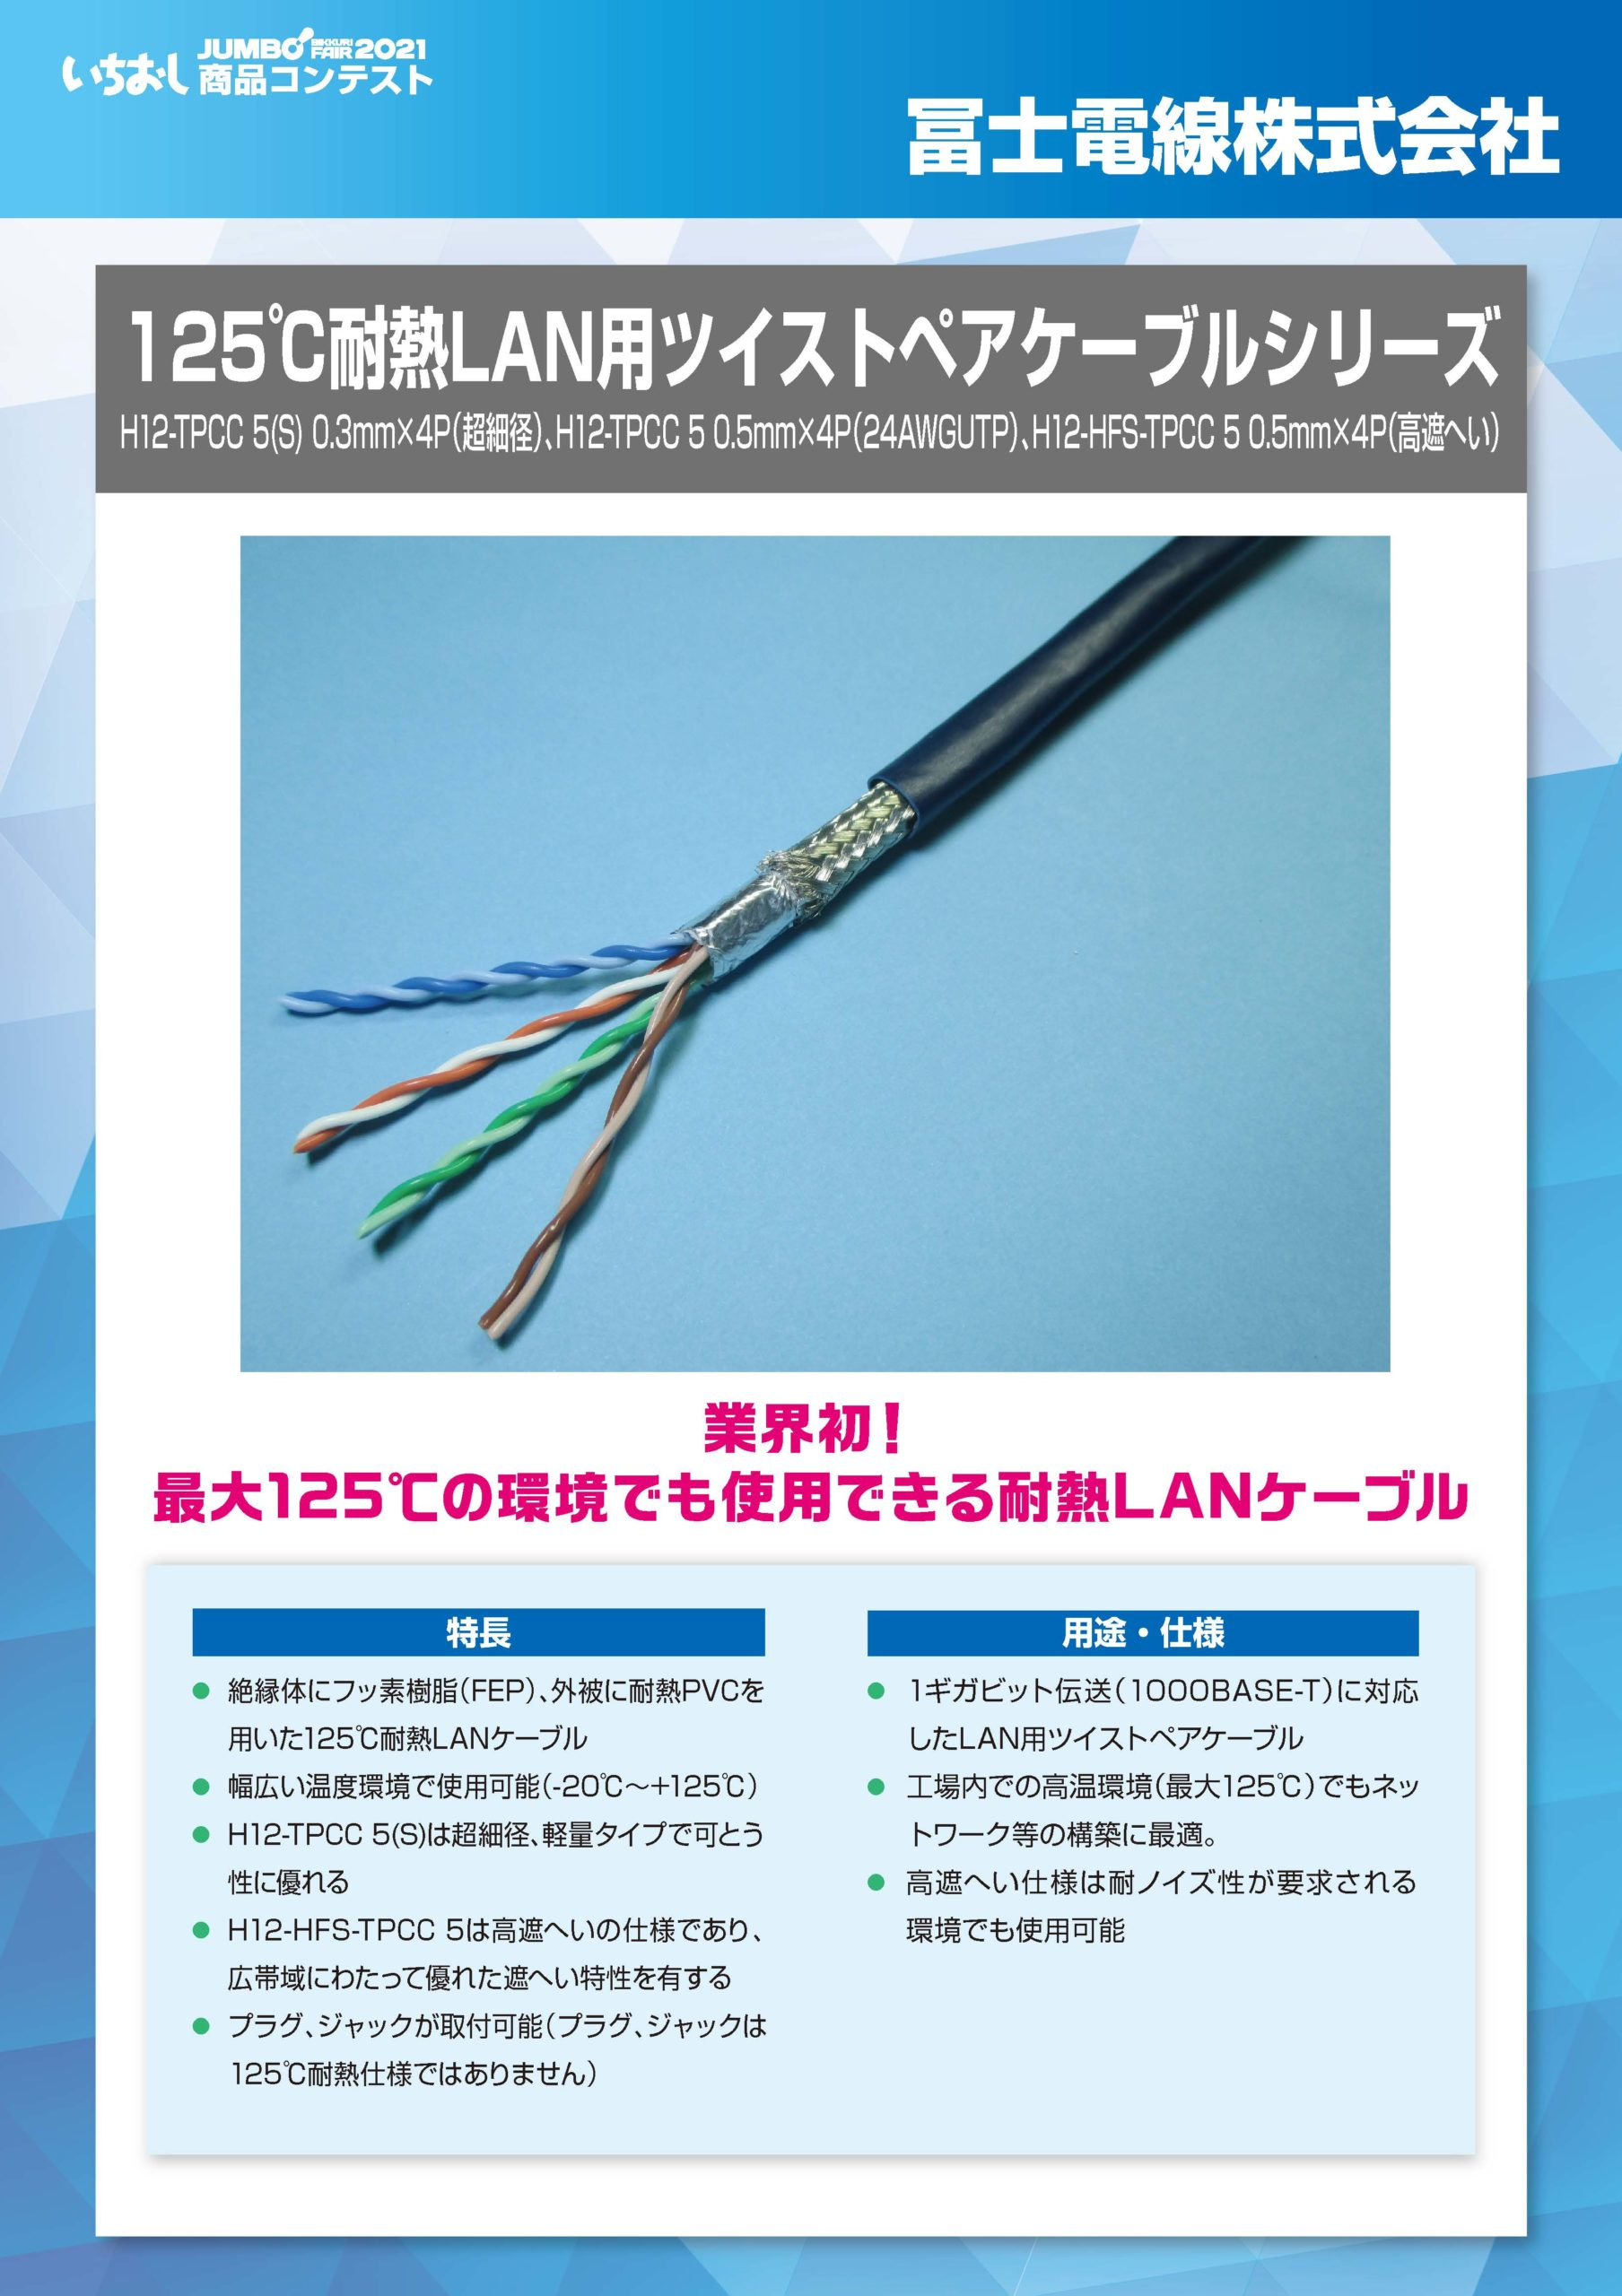 「125℃耐熱LAN用ツイストペアケーブルシリーズ」冨士電線株式会社の画像